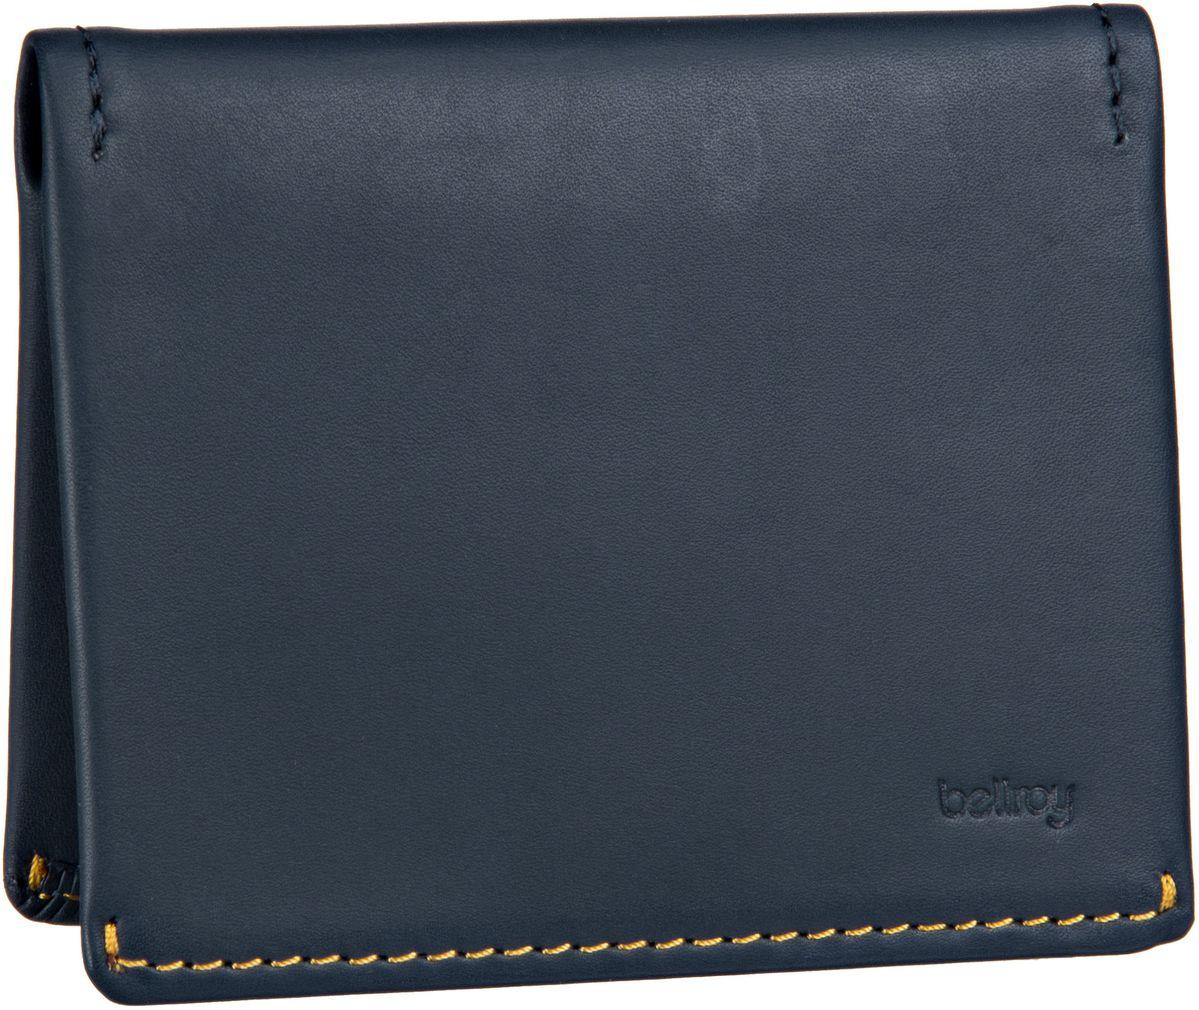 Bellroy Slim Sleeve Blue Steel - Brieftasche - broschei